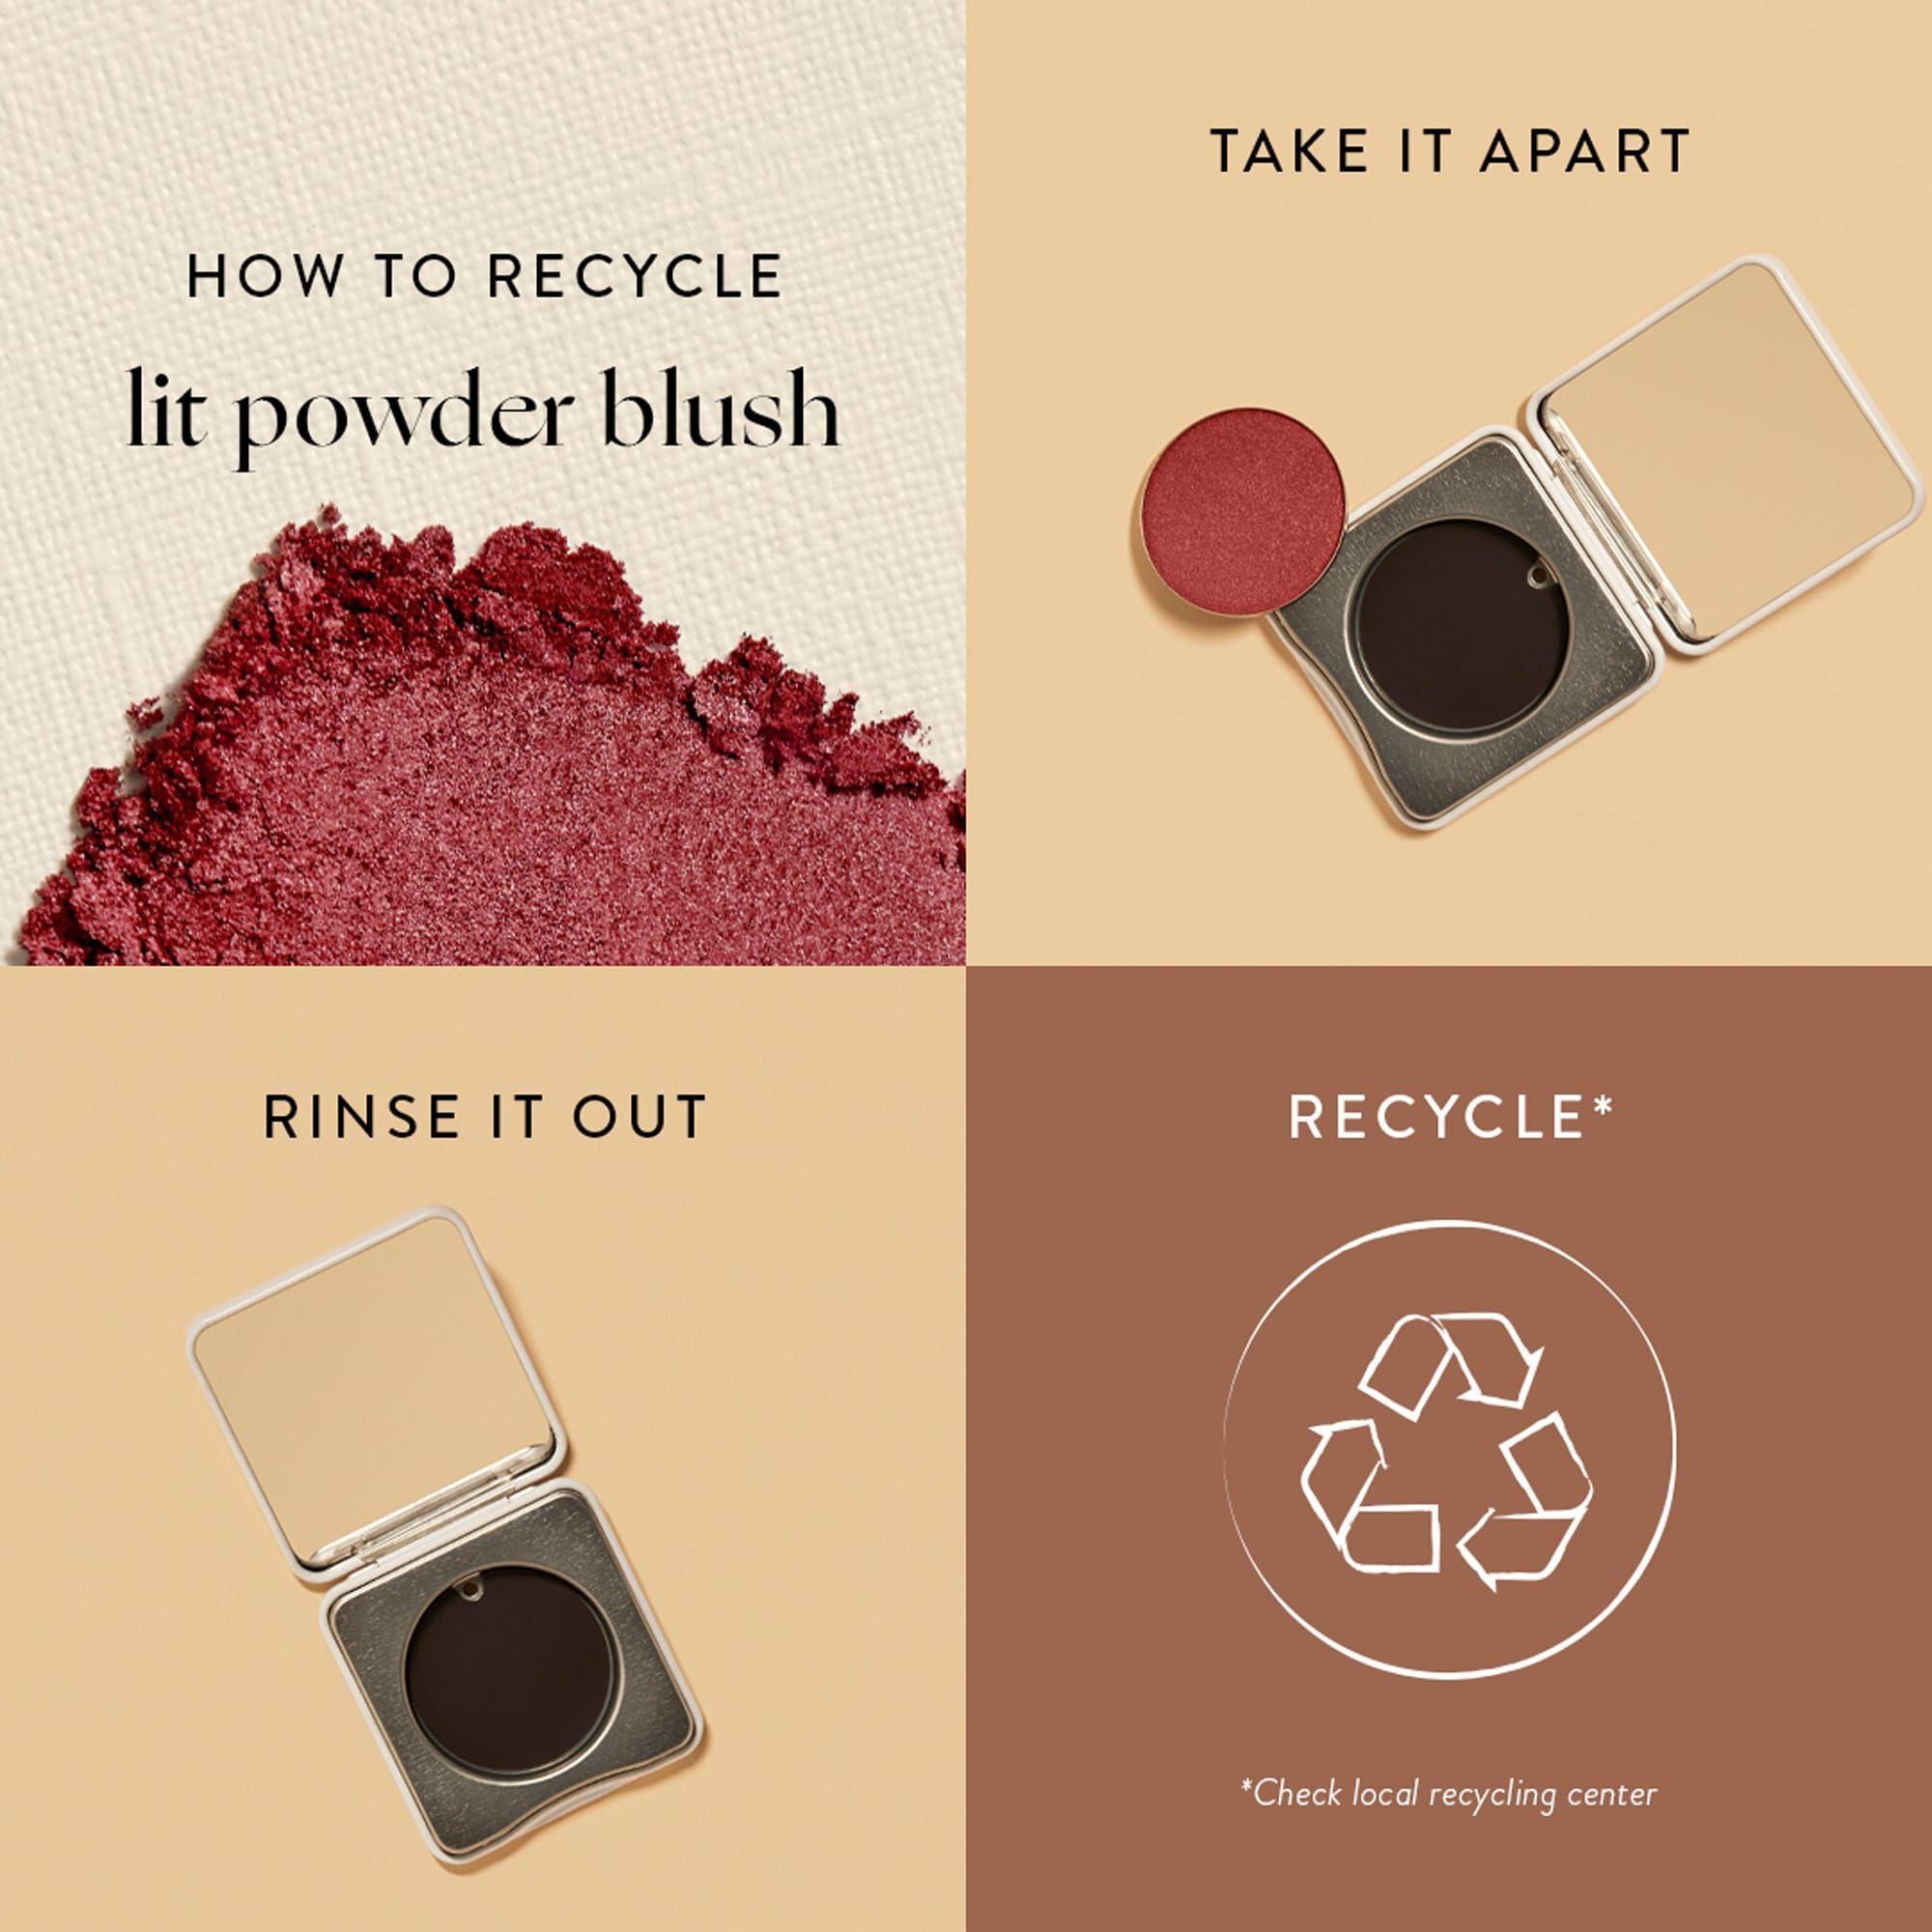 Lit Powder Blush